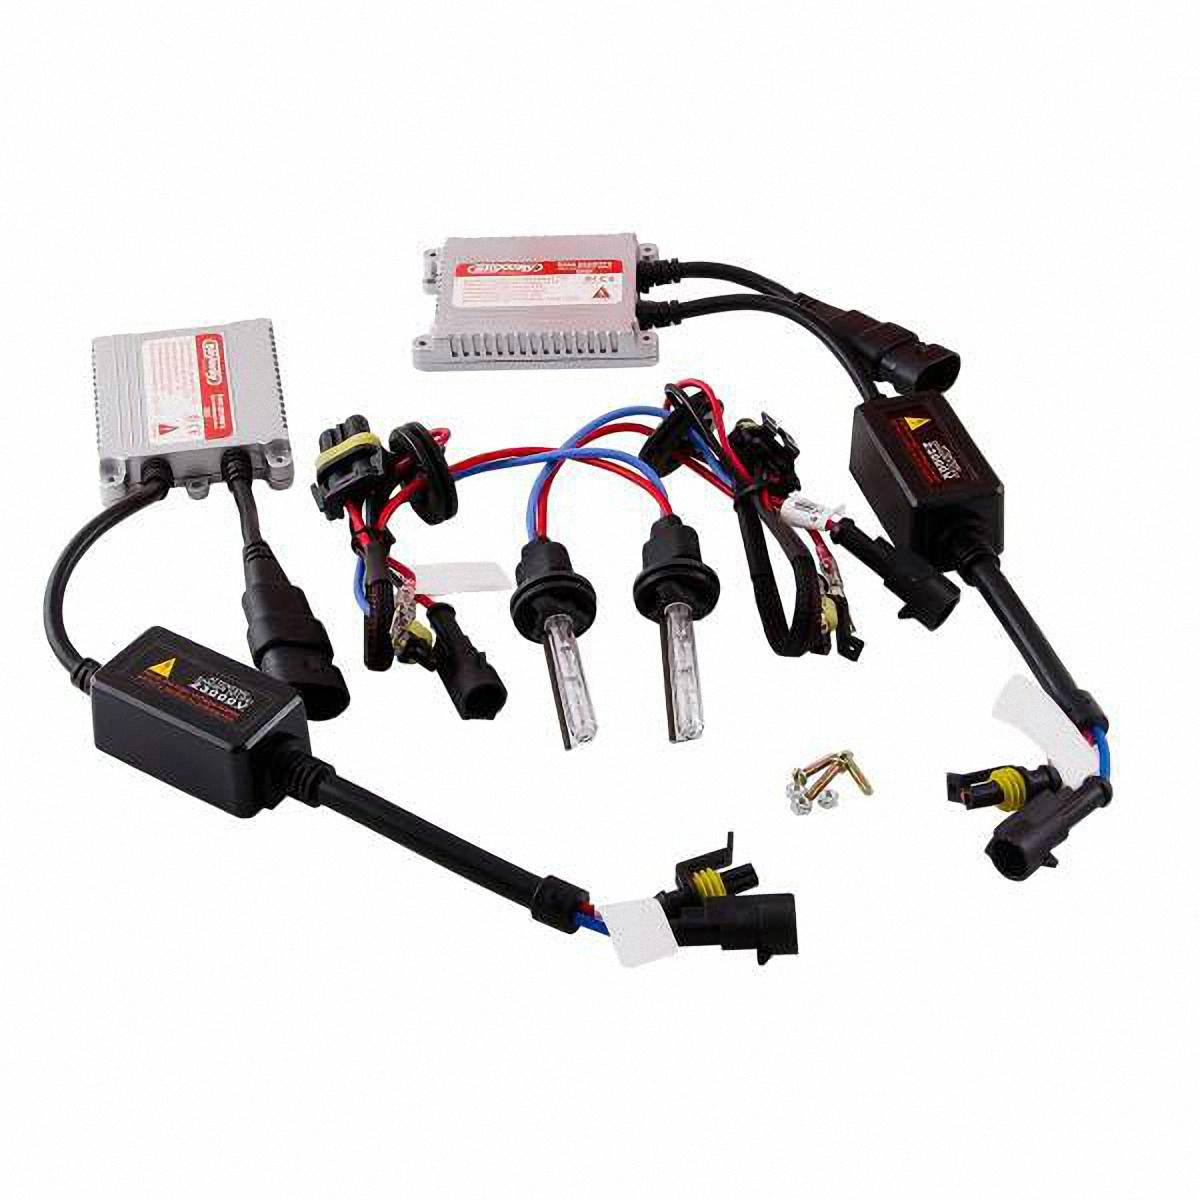 Skyway Автолампа би-ксенон H4. SH4 H/L 4300K D13 12V35WSH4 H/L 4300K D13 12V35WКомплектация: Лампа газоразрядная би-ксеноновая – 2 шт. Блок розжига – 2шт. Винты для блока розжига – 6 шт. Гарантийный талон – 1 шт. Инструкция – 1 шт.